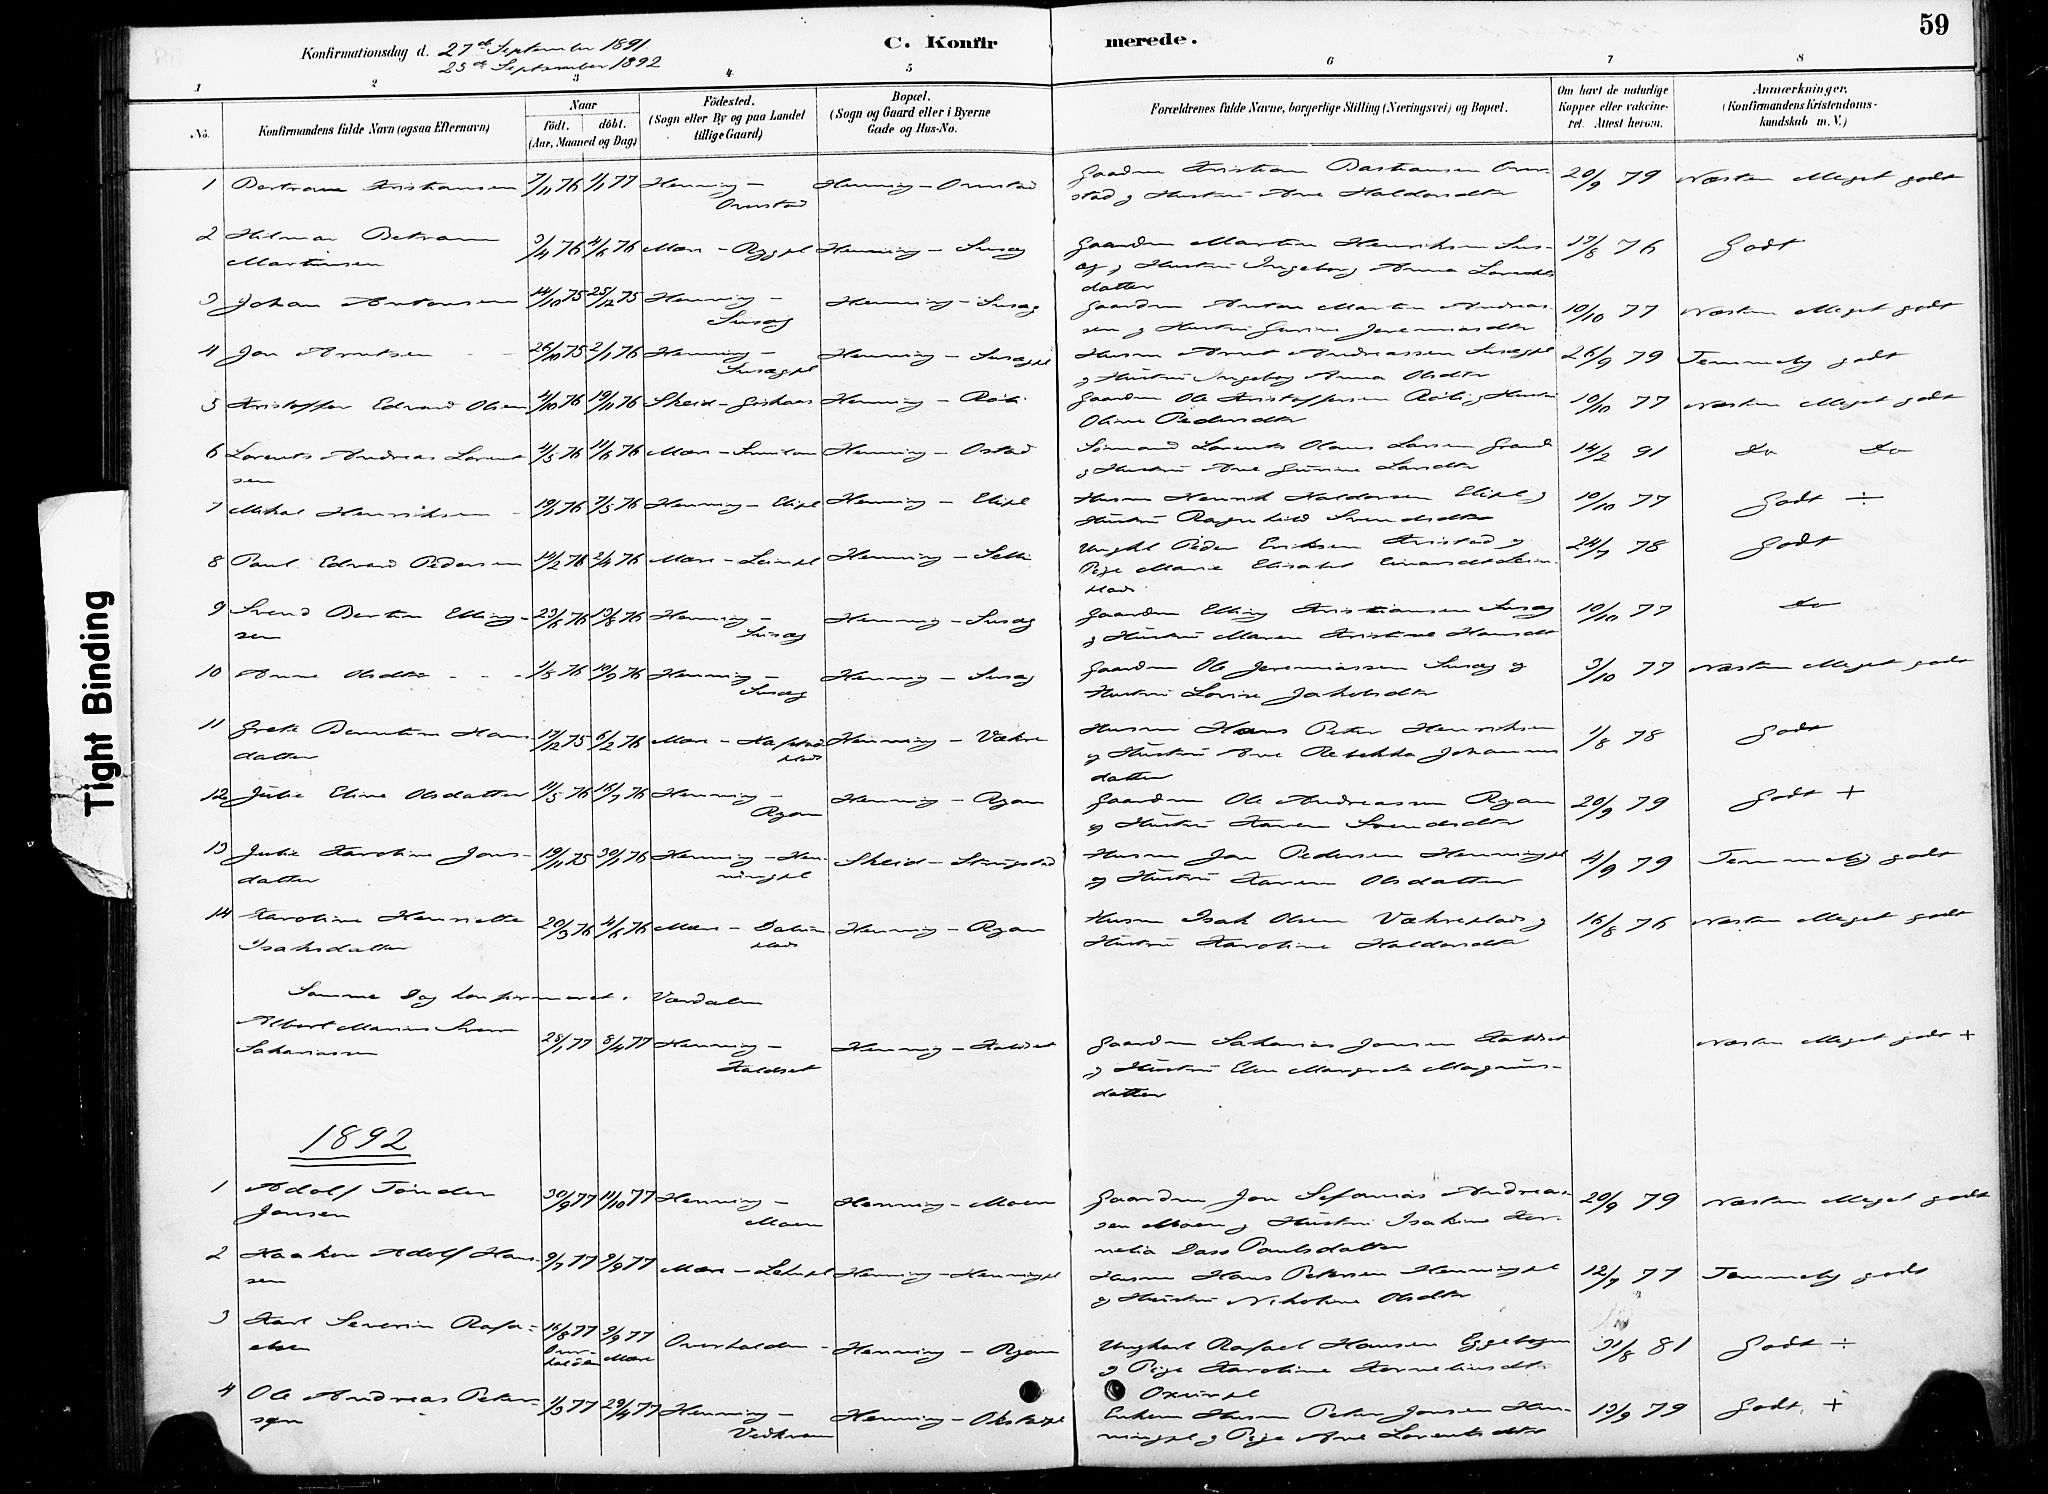 SAT, Ministerialprotokoller, klokkerbøker og fødselsregistre - Nord-Trøndelag, 738/L0364: Ministerialbok nr. 738A01, 1884-1902, s. 59